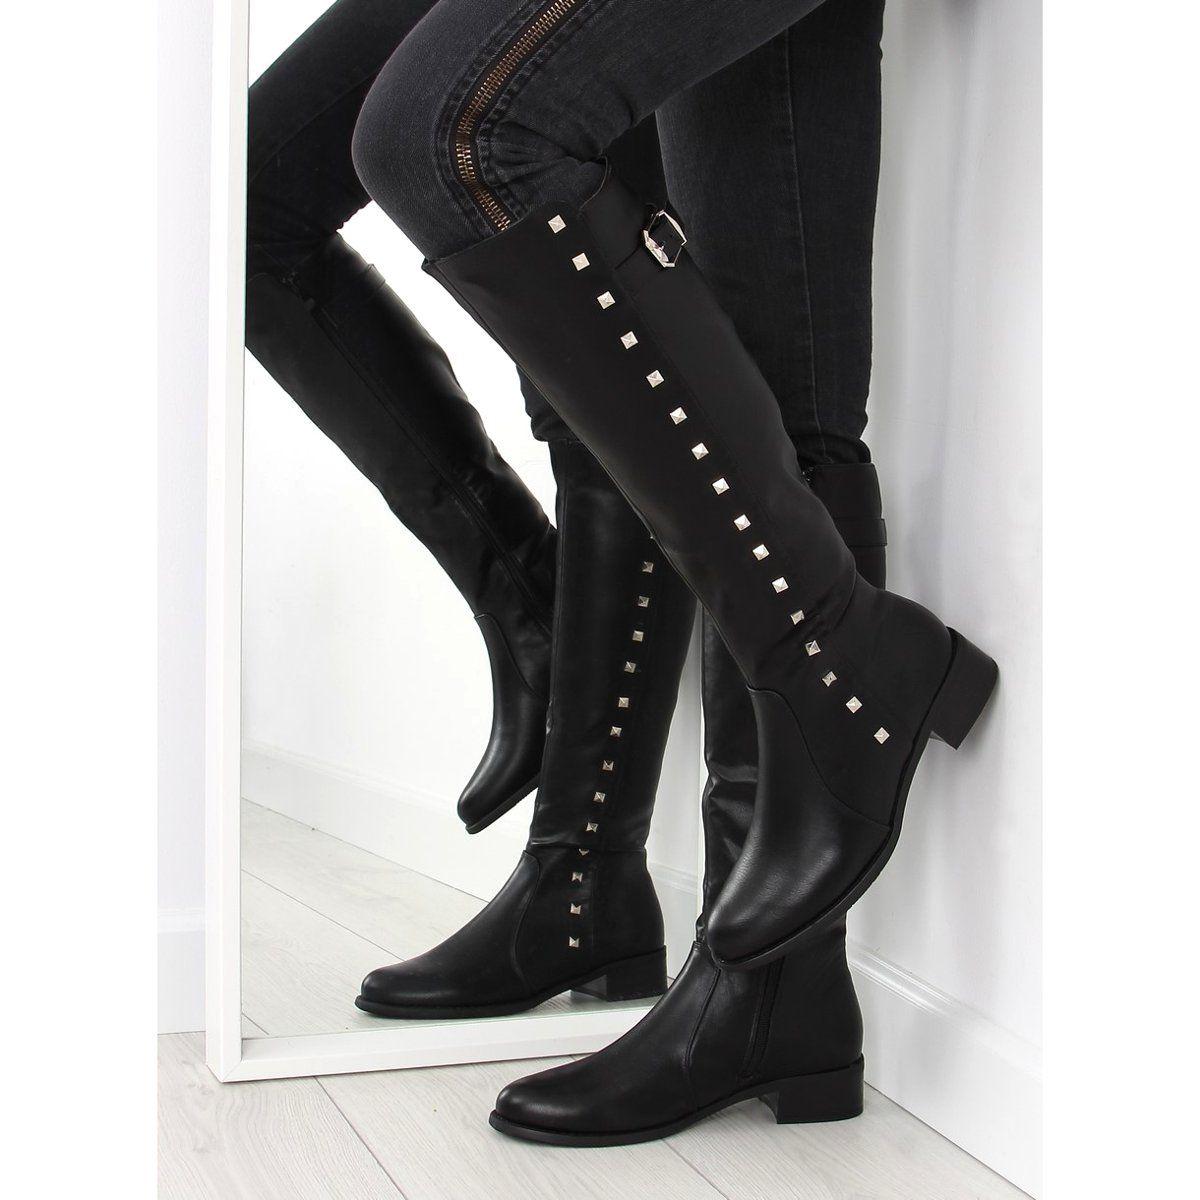 Kozaki Damskie Obuwiedamskie Oficerki Z Cwiekami Czarne Pe115p Black Obuwie Damskie Boots Knee Boots Stiletto Boot